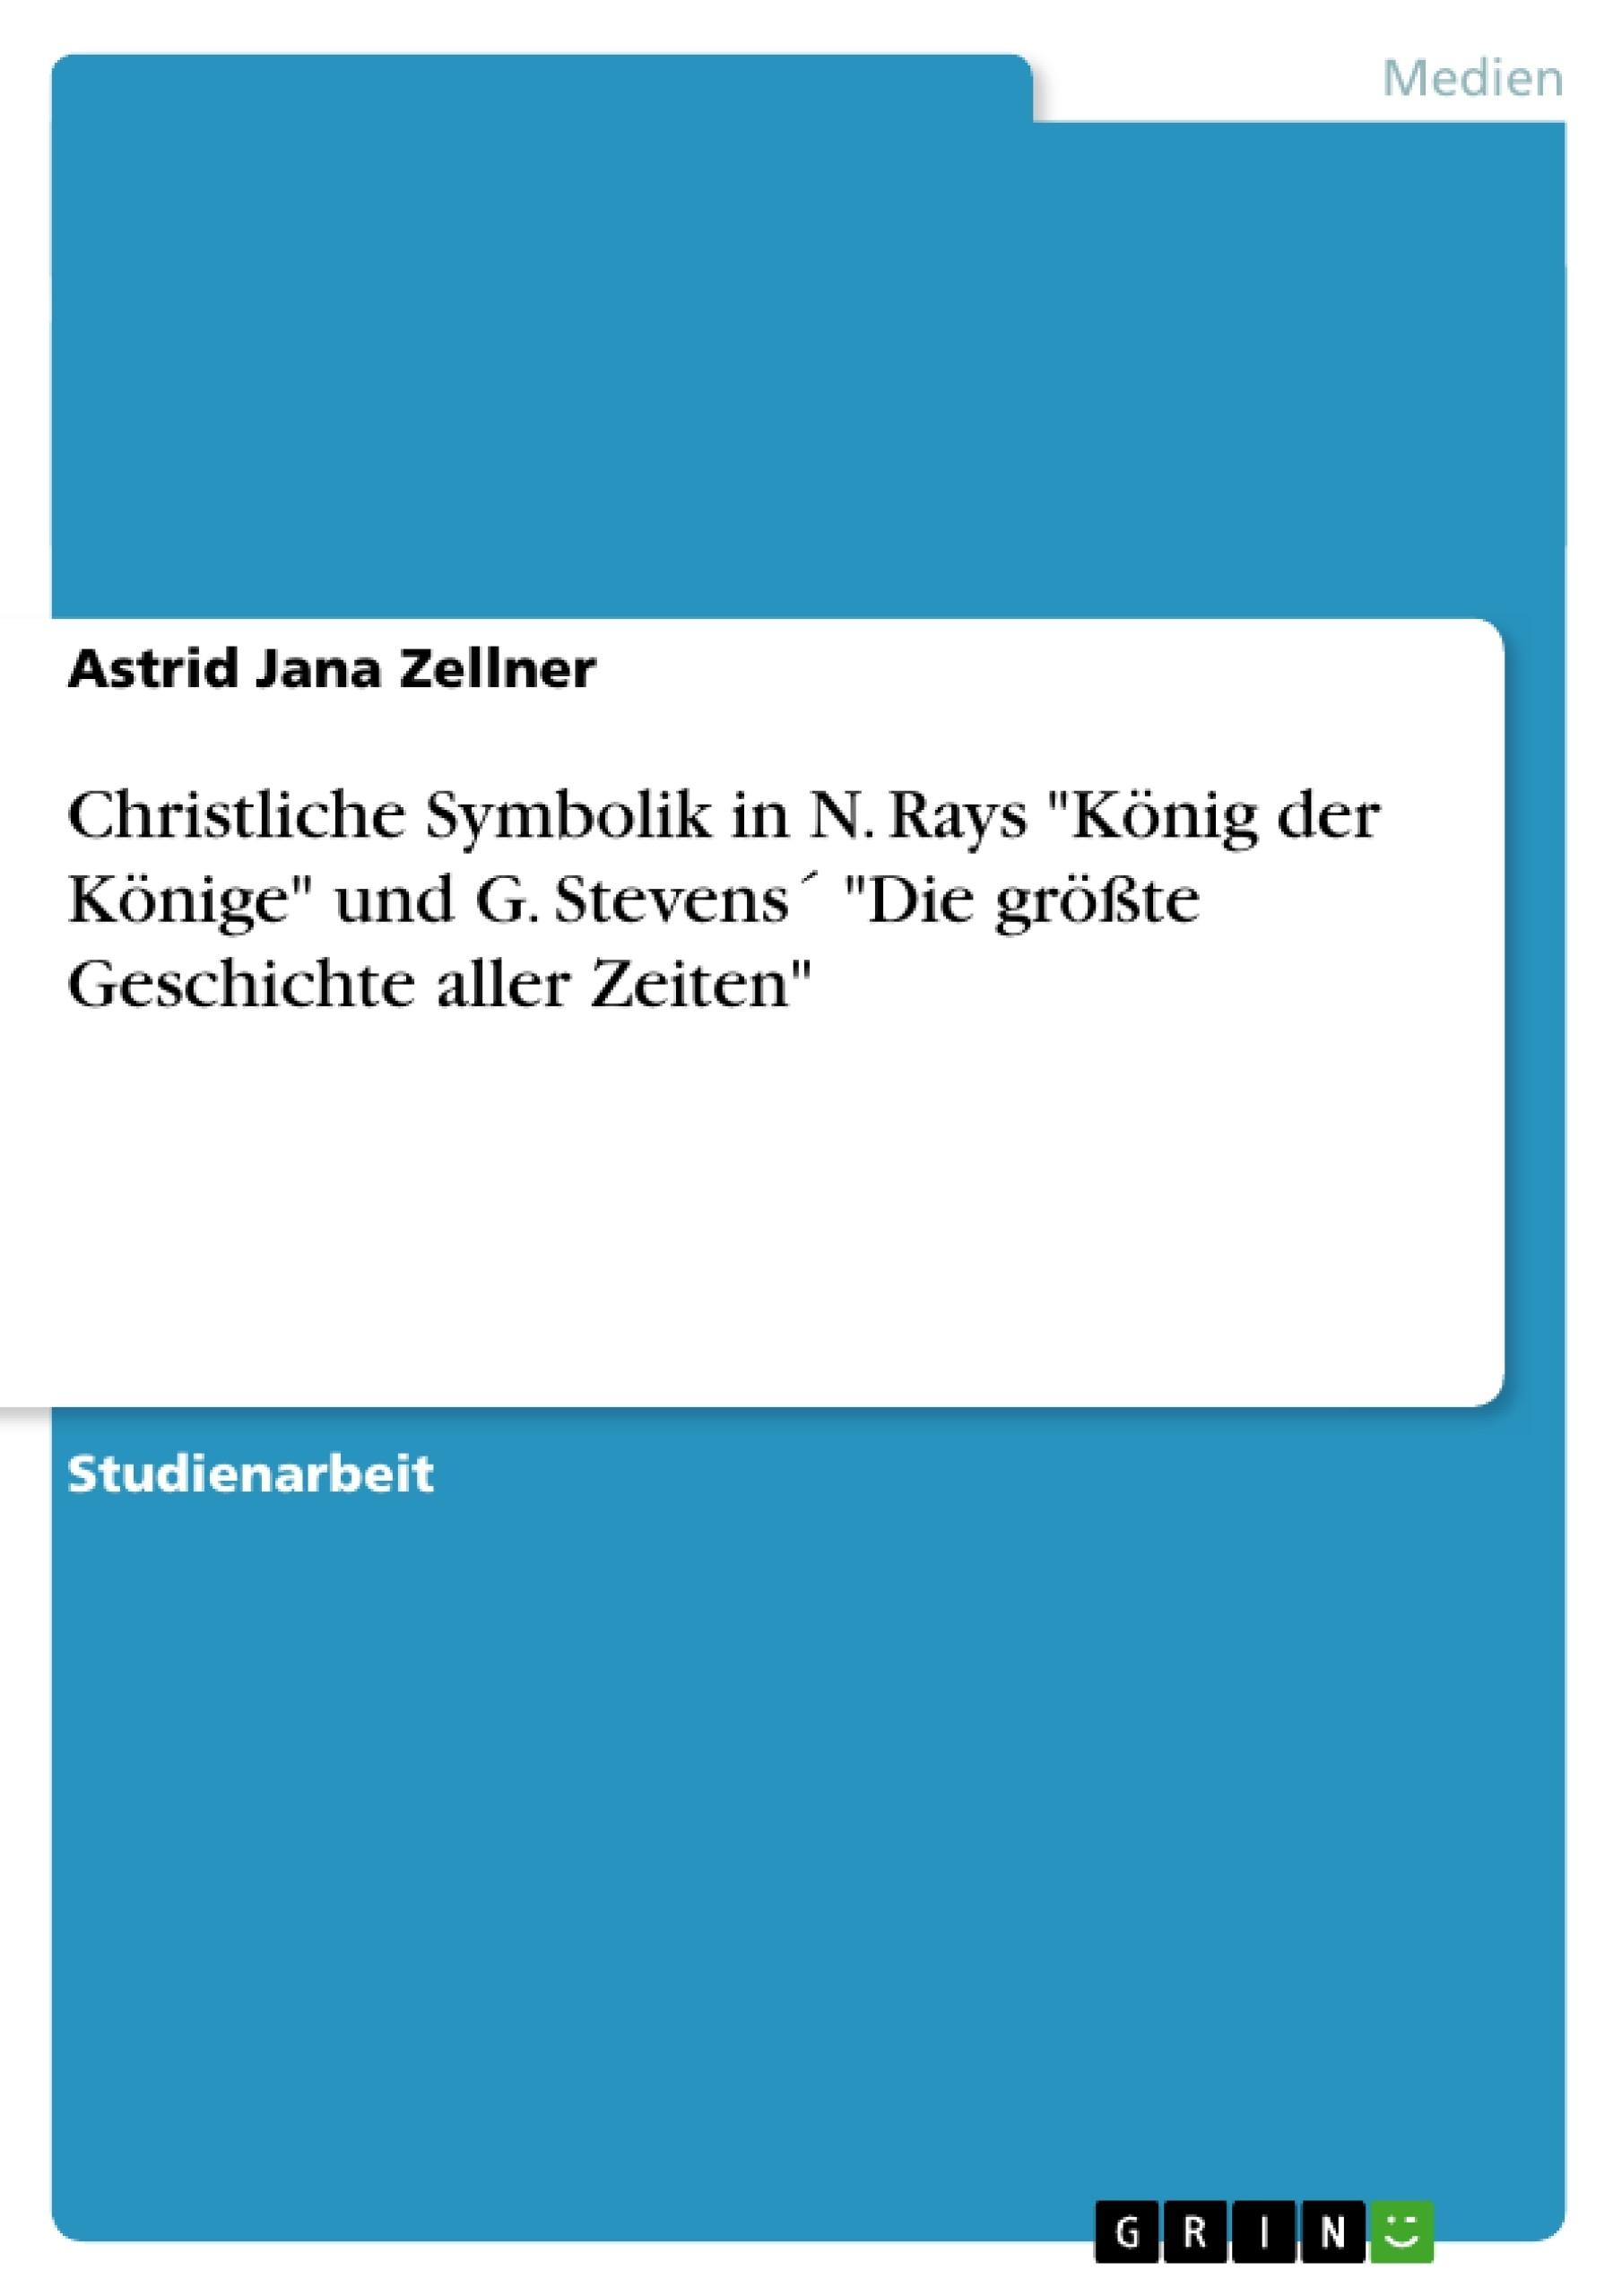 """Titel: Christliche Symbolik in N. Rays """"König der Könige"""" und G. Stevens´ """"Die größte Geschichte aller Zeiten"""""""